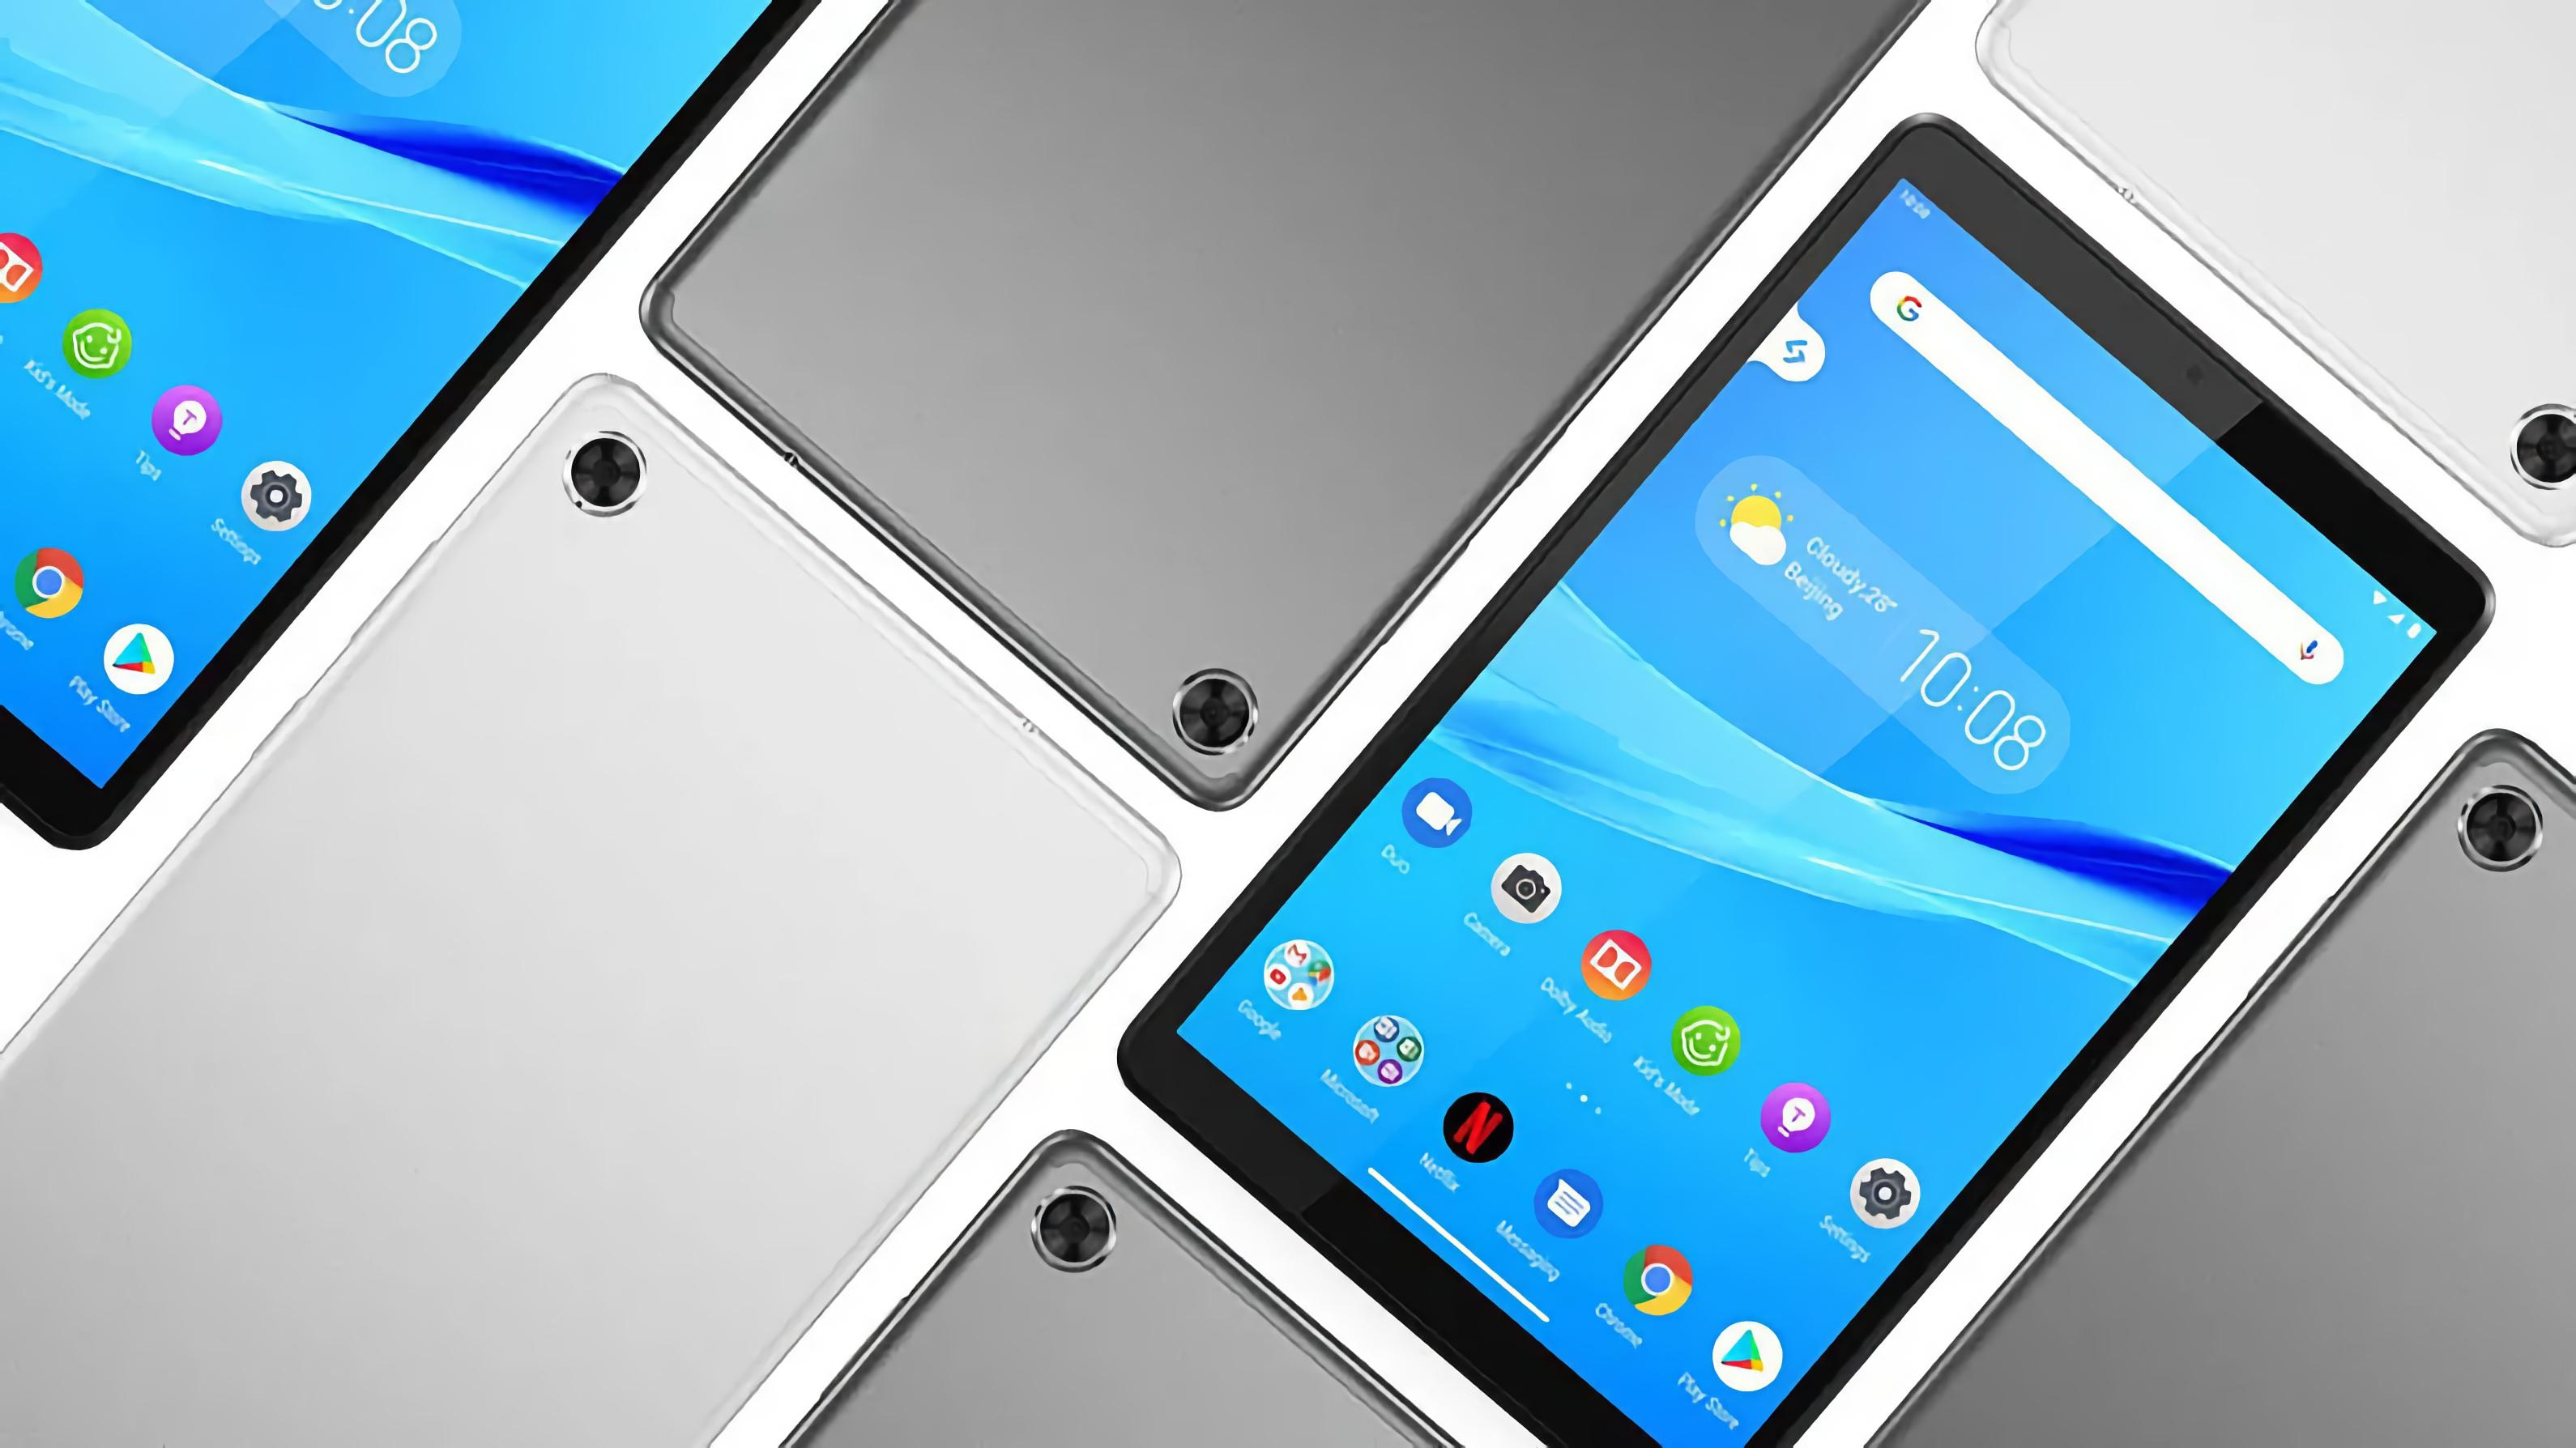 Конкурент Samsung Galaxy Tab A7 Lite: инсайдер раскрыл подробные характеристики планшета Moto Tab G20